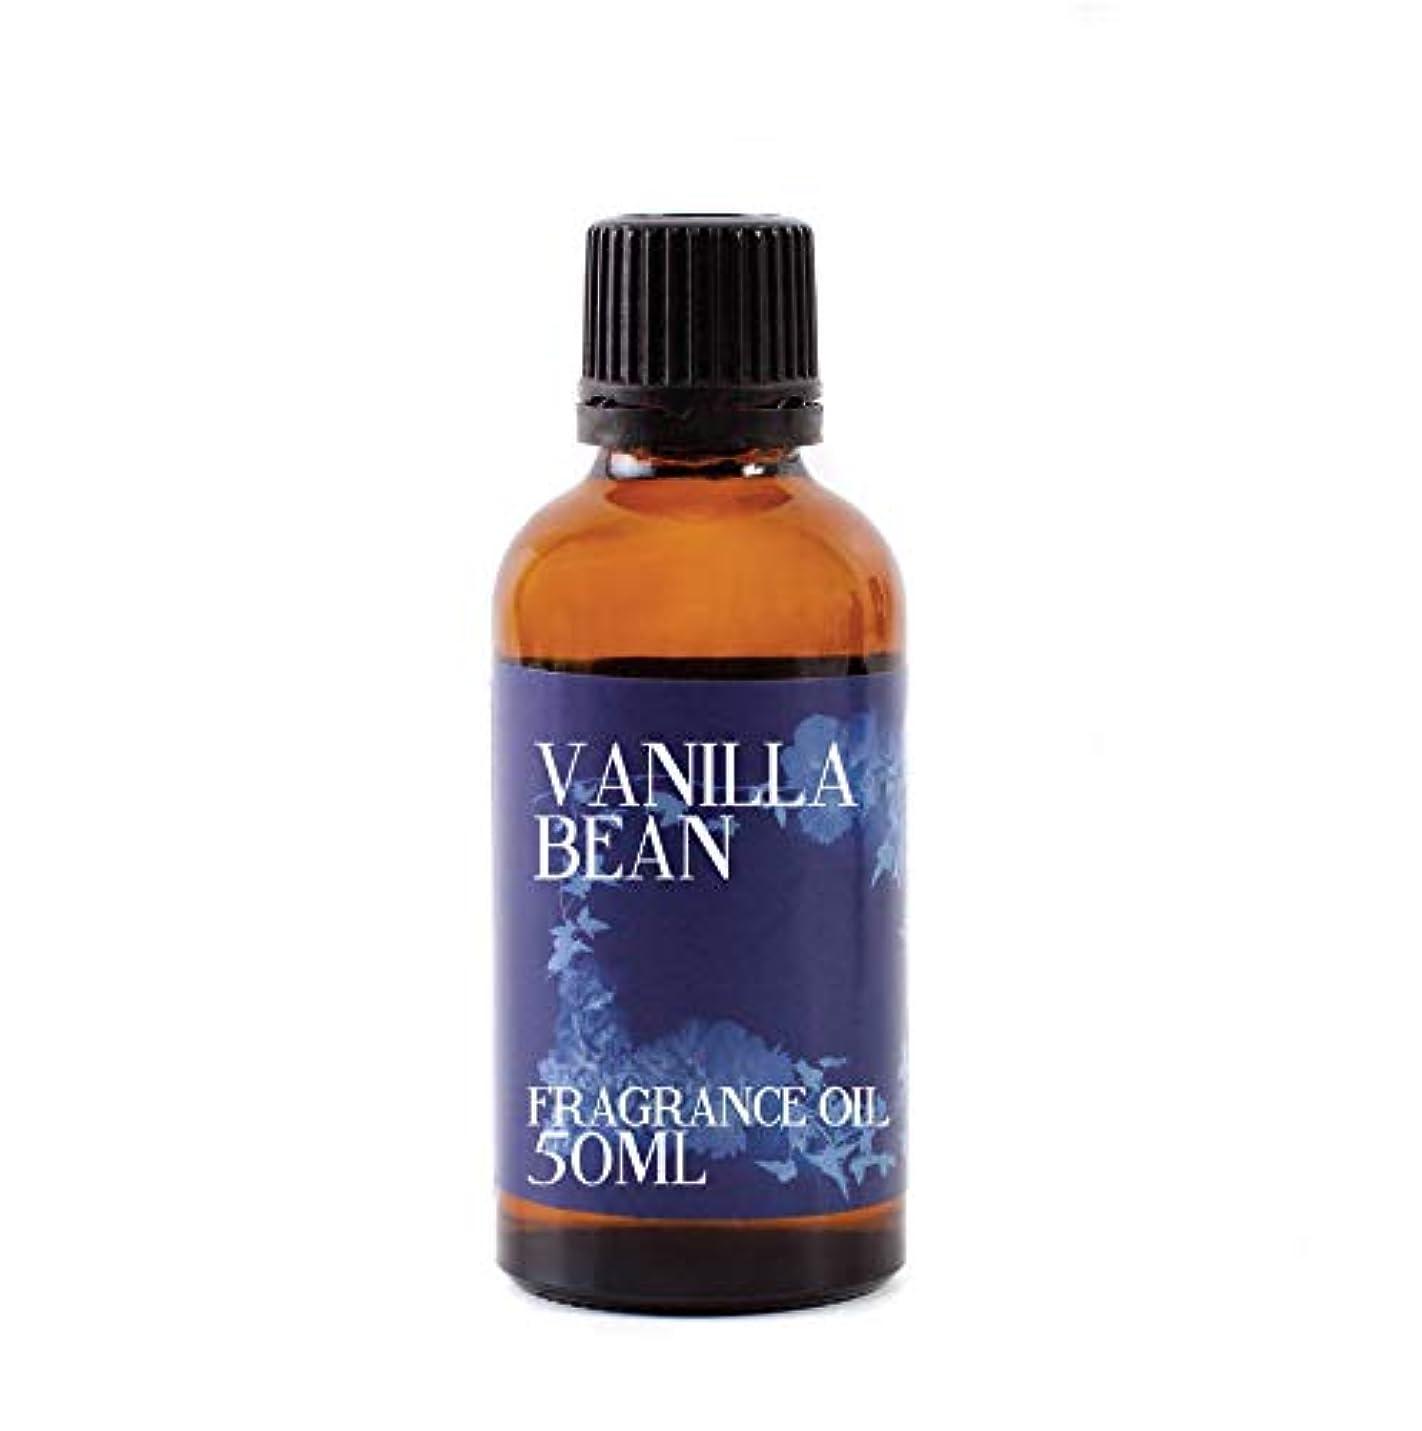 ポットバケット甘いMystic Moments | Vanilla Bean Fragrance Oil - 50ml